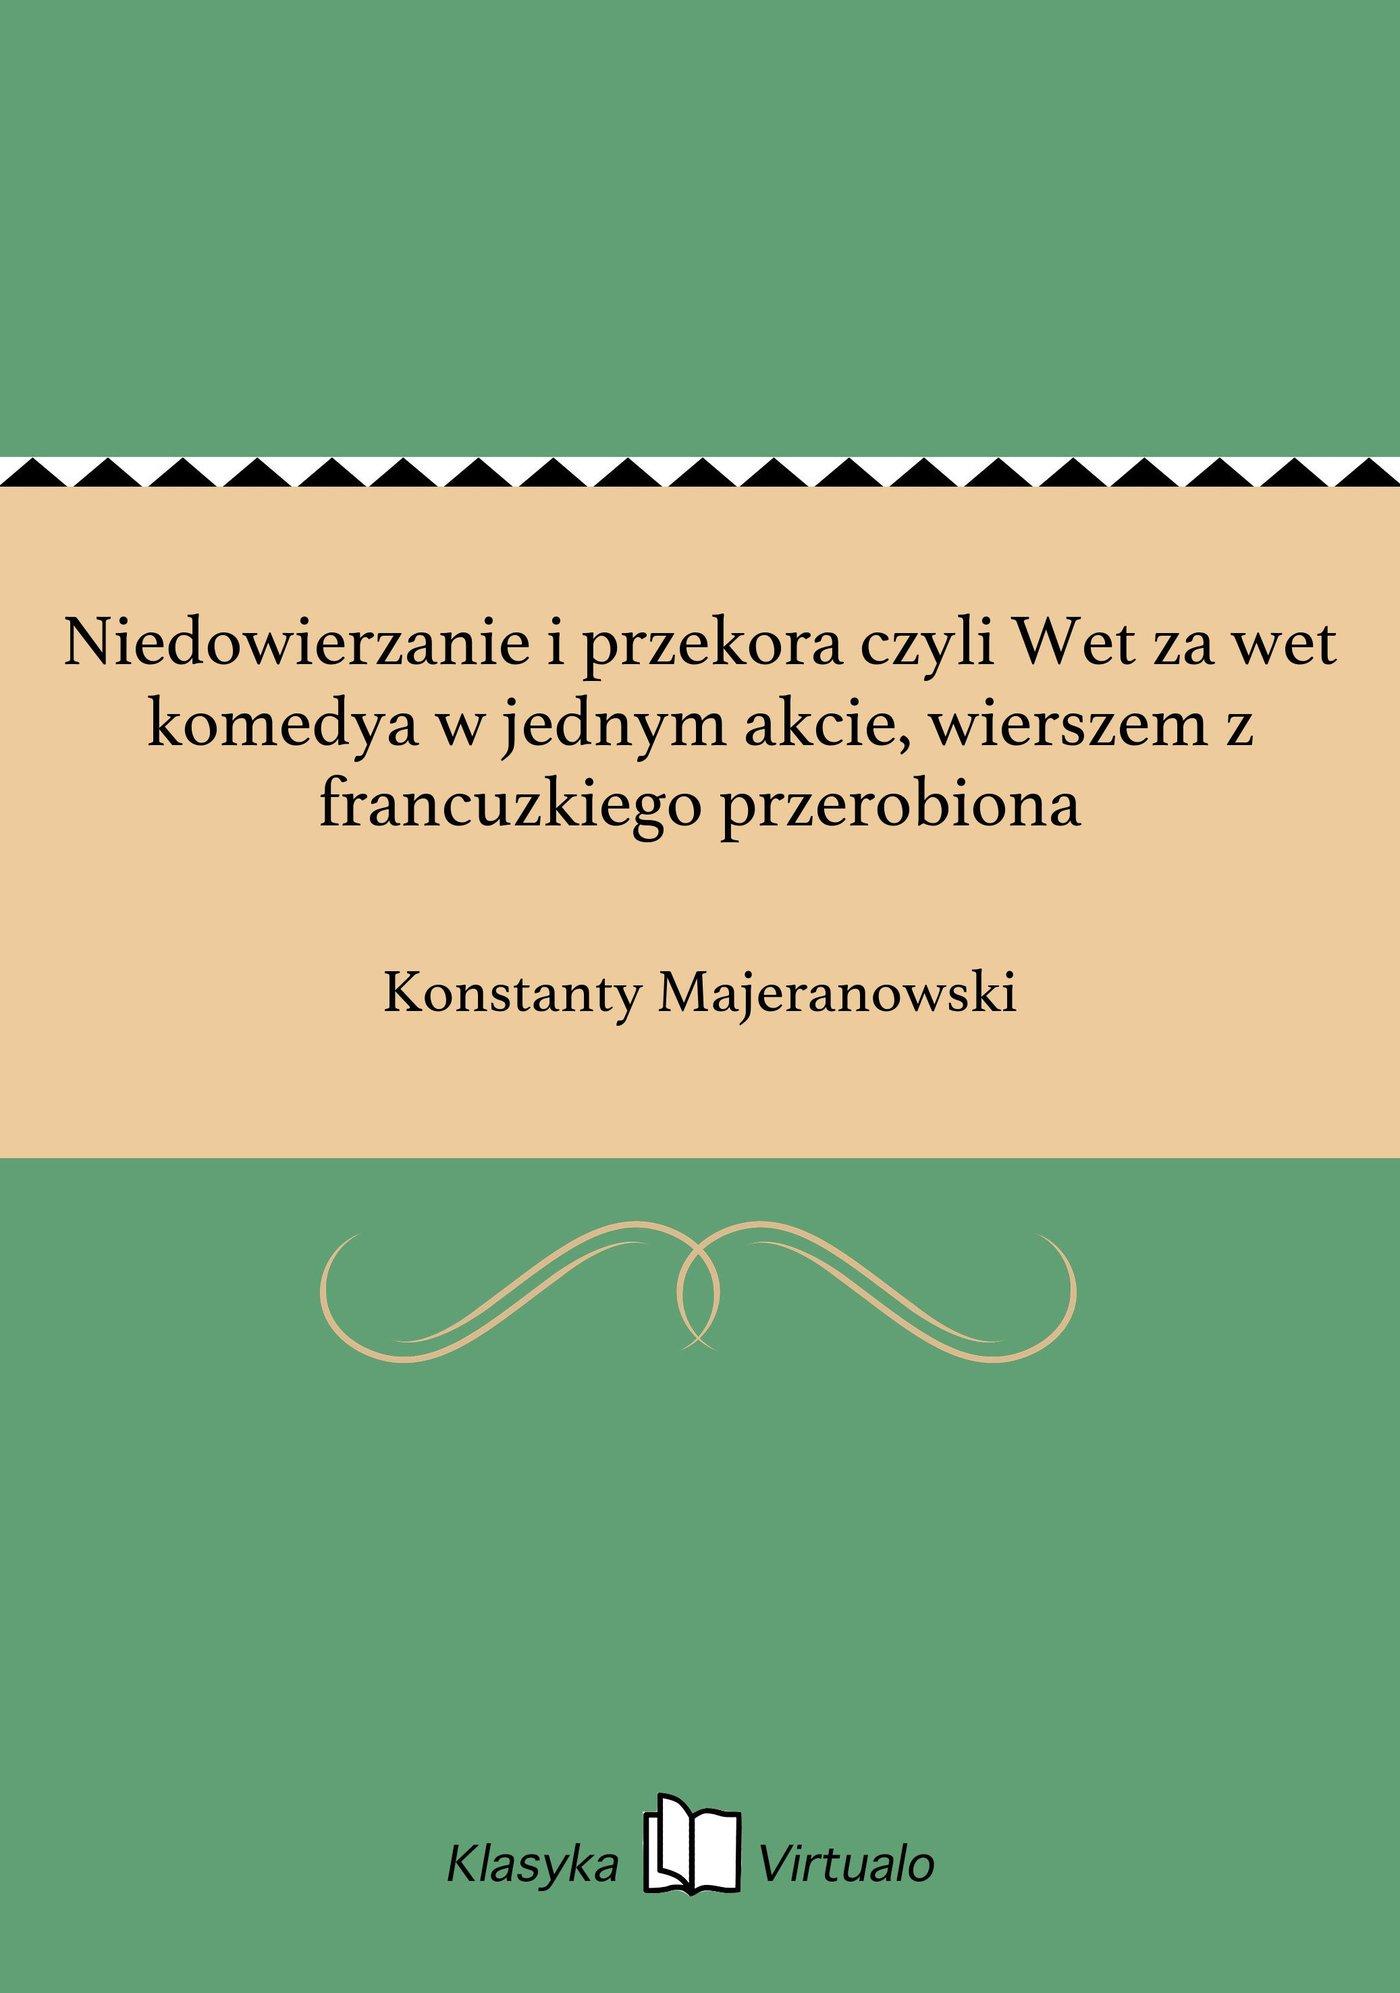 Niedowierzanie i przekora czyli Wet za wet komedya w jednym akcie, wierszem z francuzkiego przerobiona - Ebook (Książka na Kindle) do pobrania w formacie MOBI